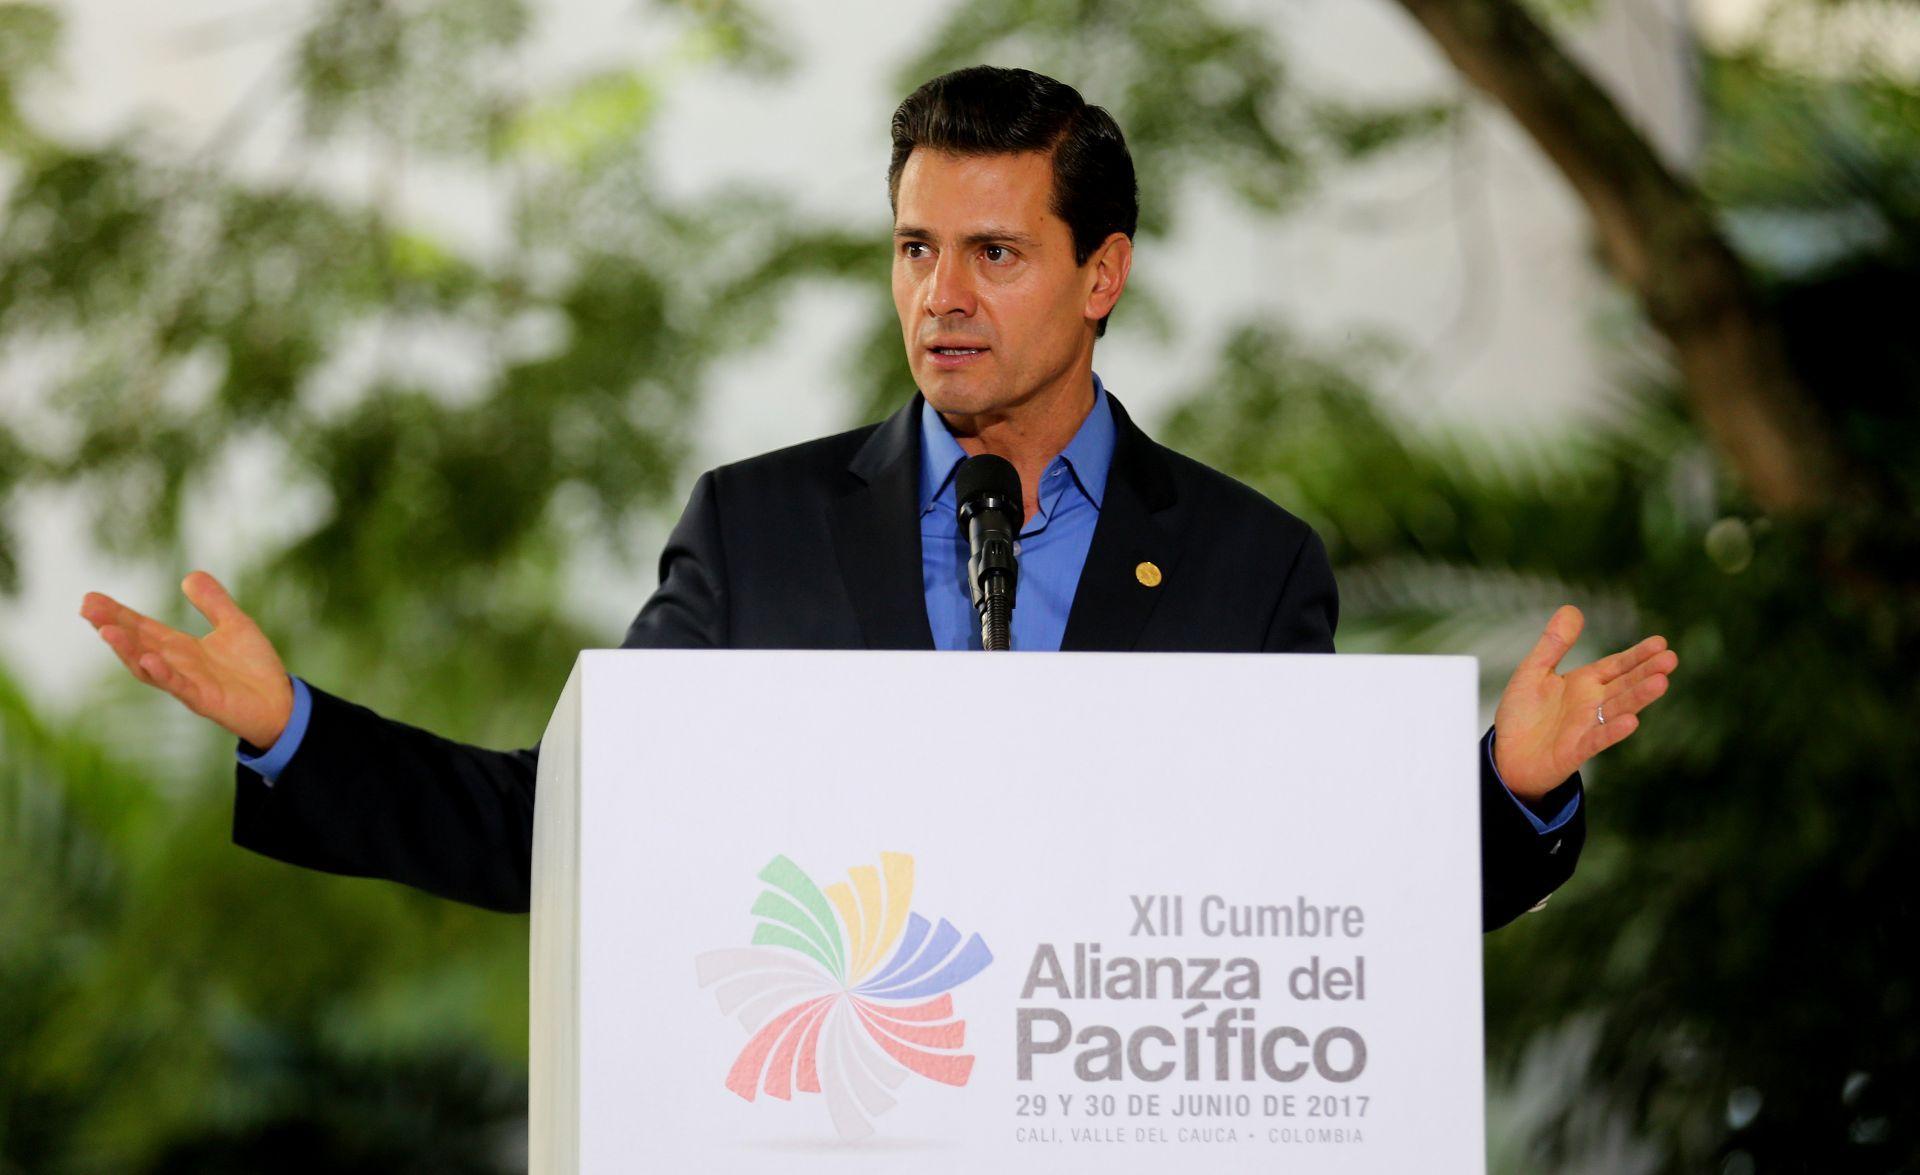 El presidente de México, Enrique Peña Nieto, habla durante la rueda de prensa final de la XII Cumbre Alianza del Pacífico